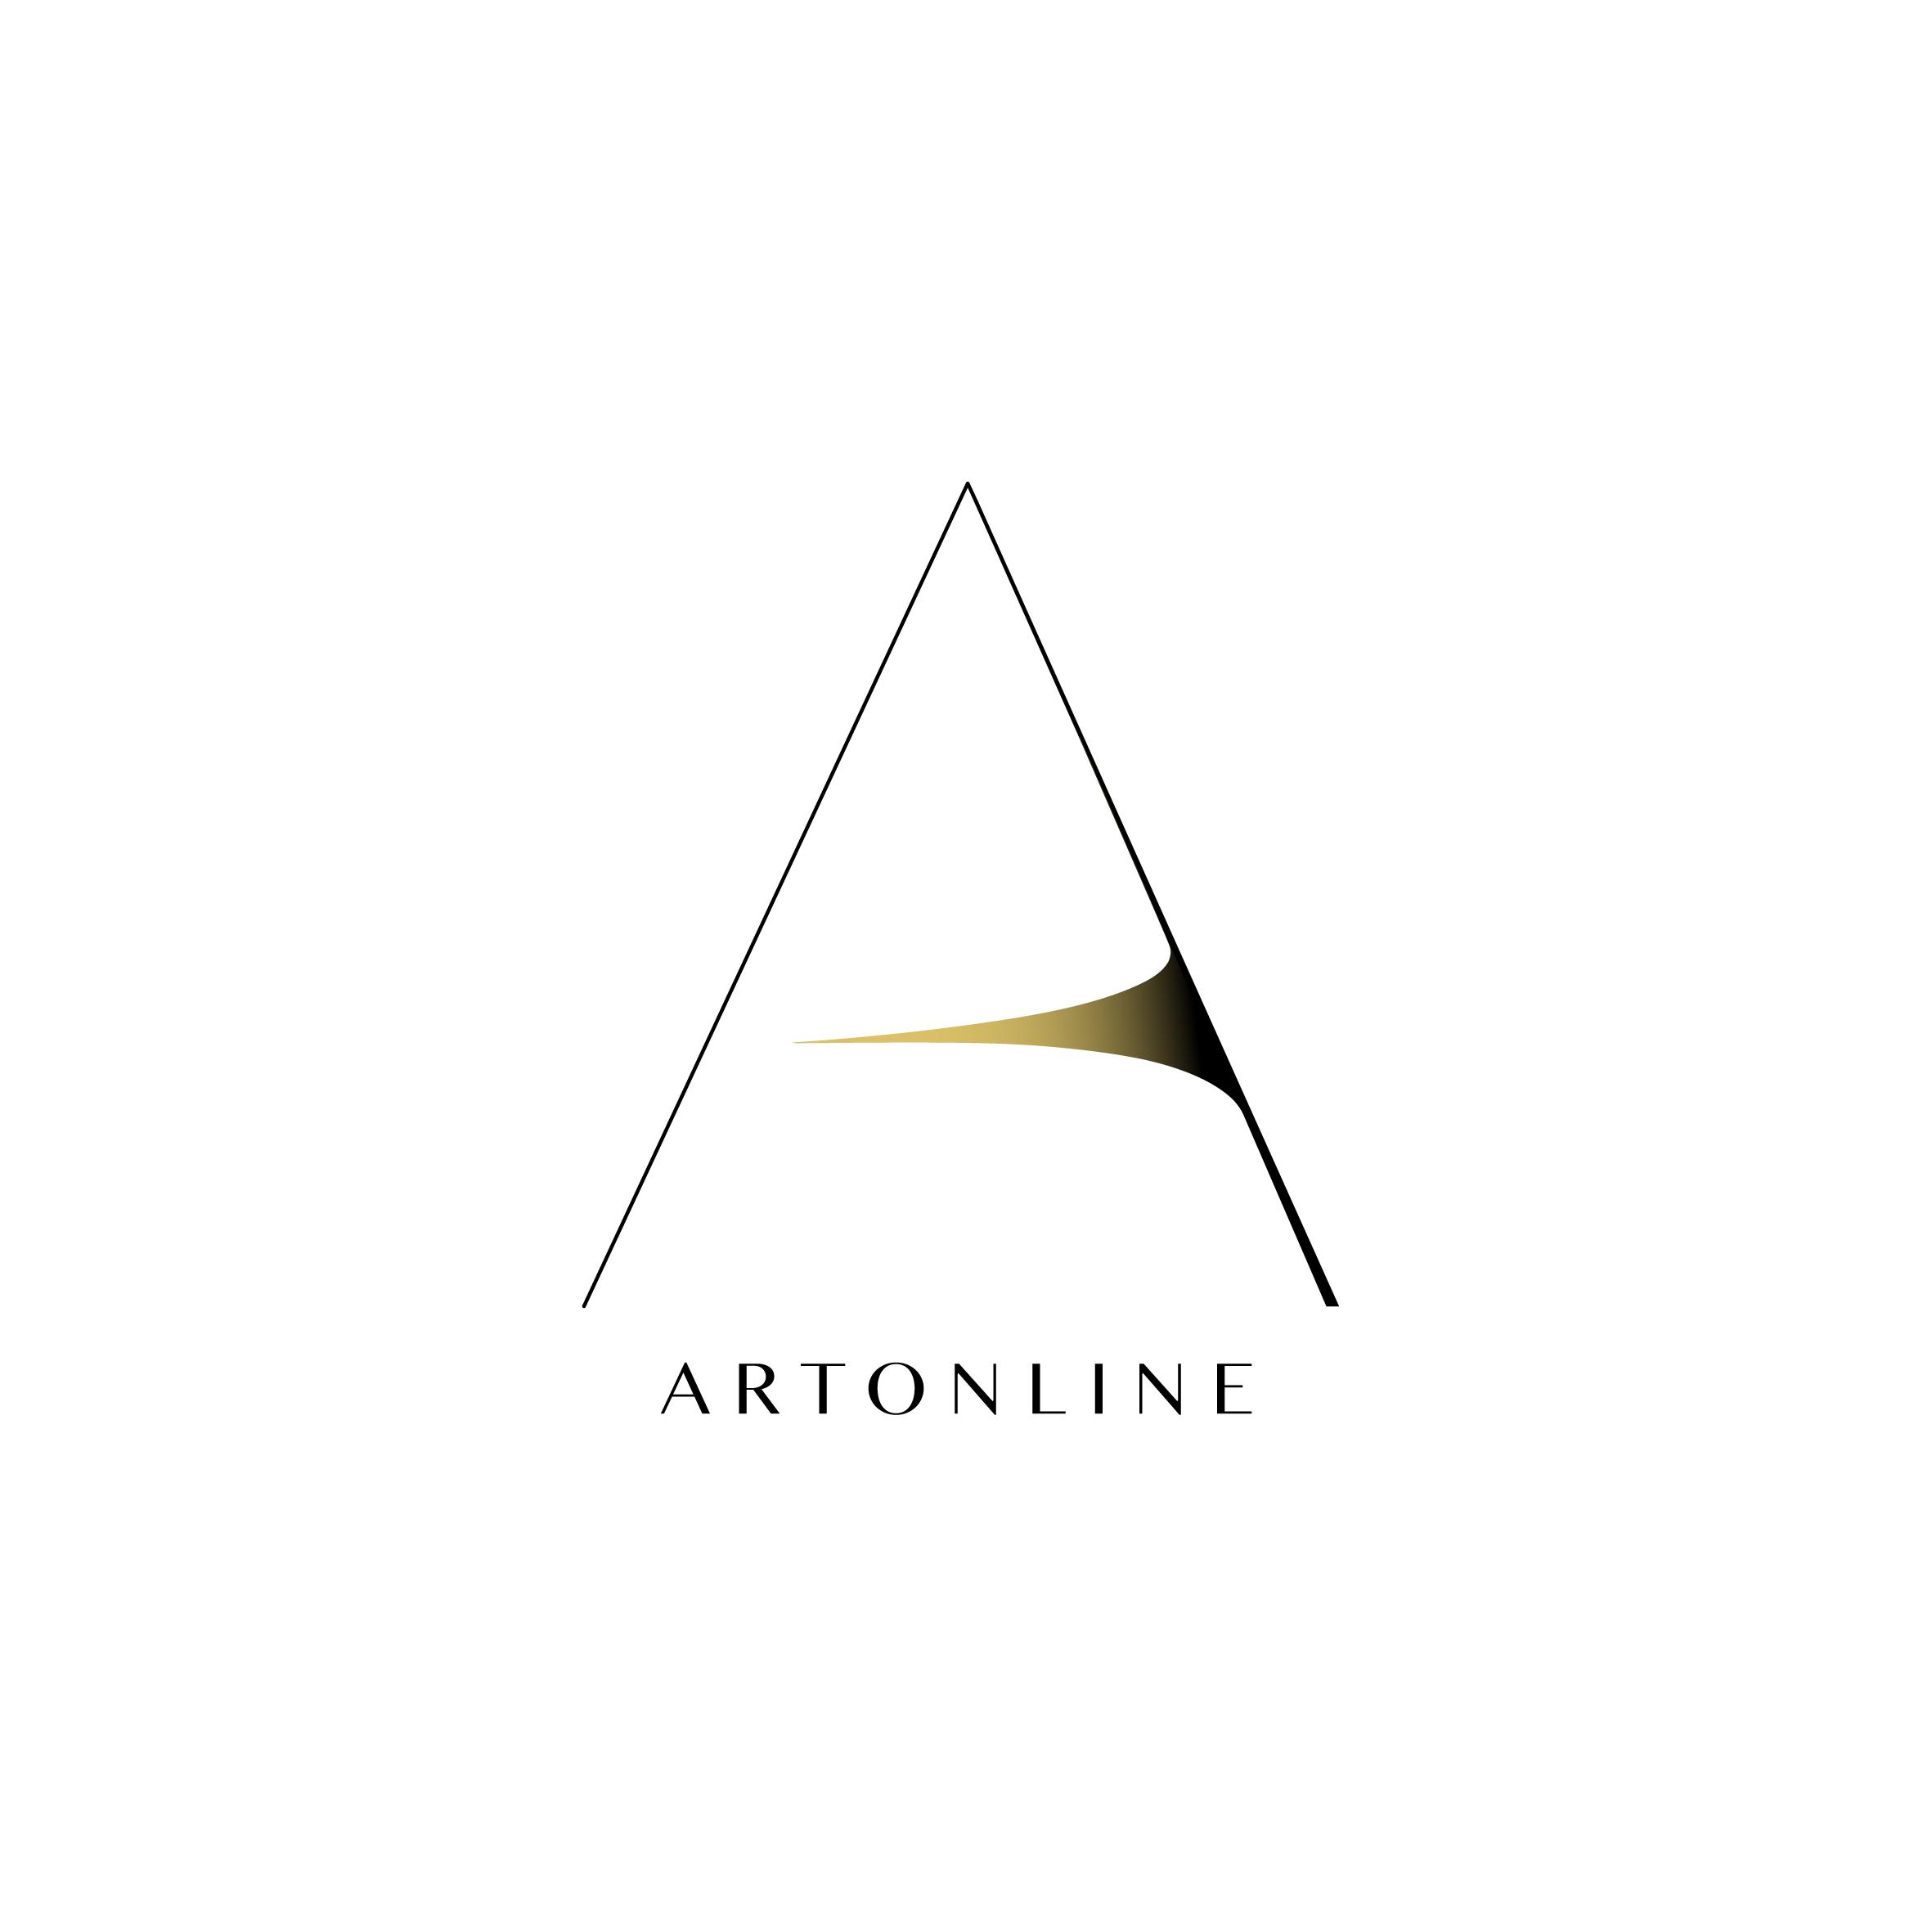 logotyp_artonline-wwwRoch-06